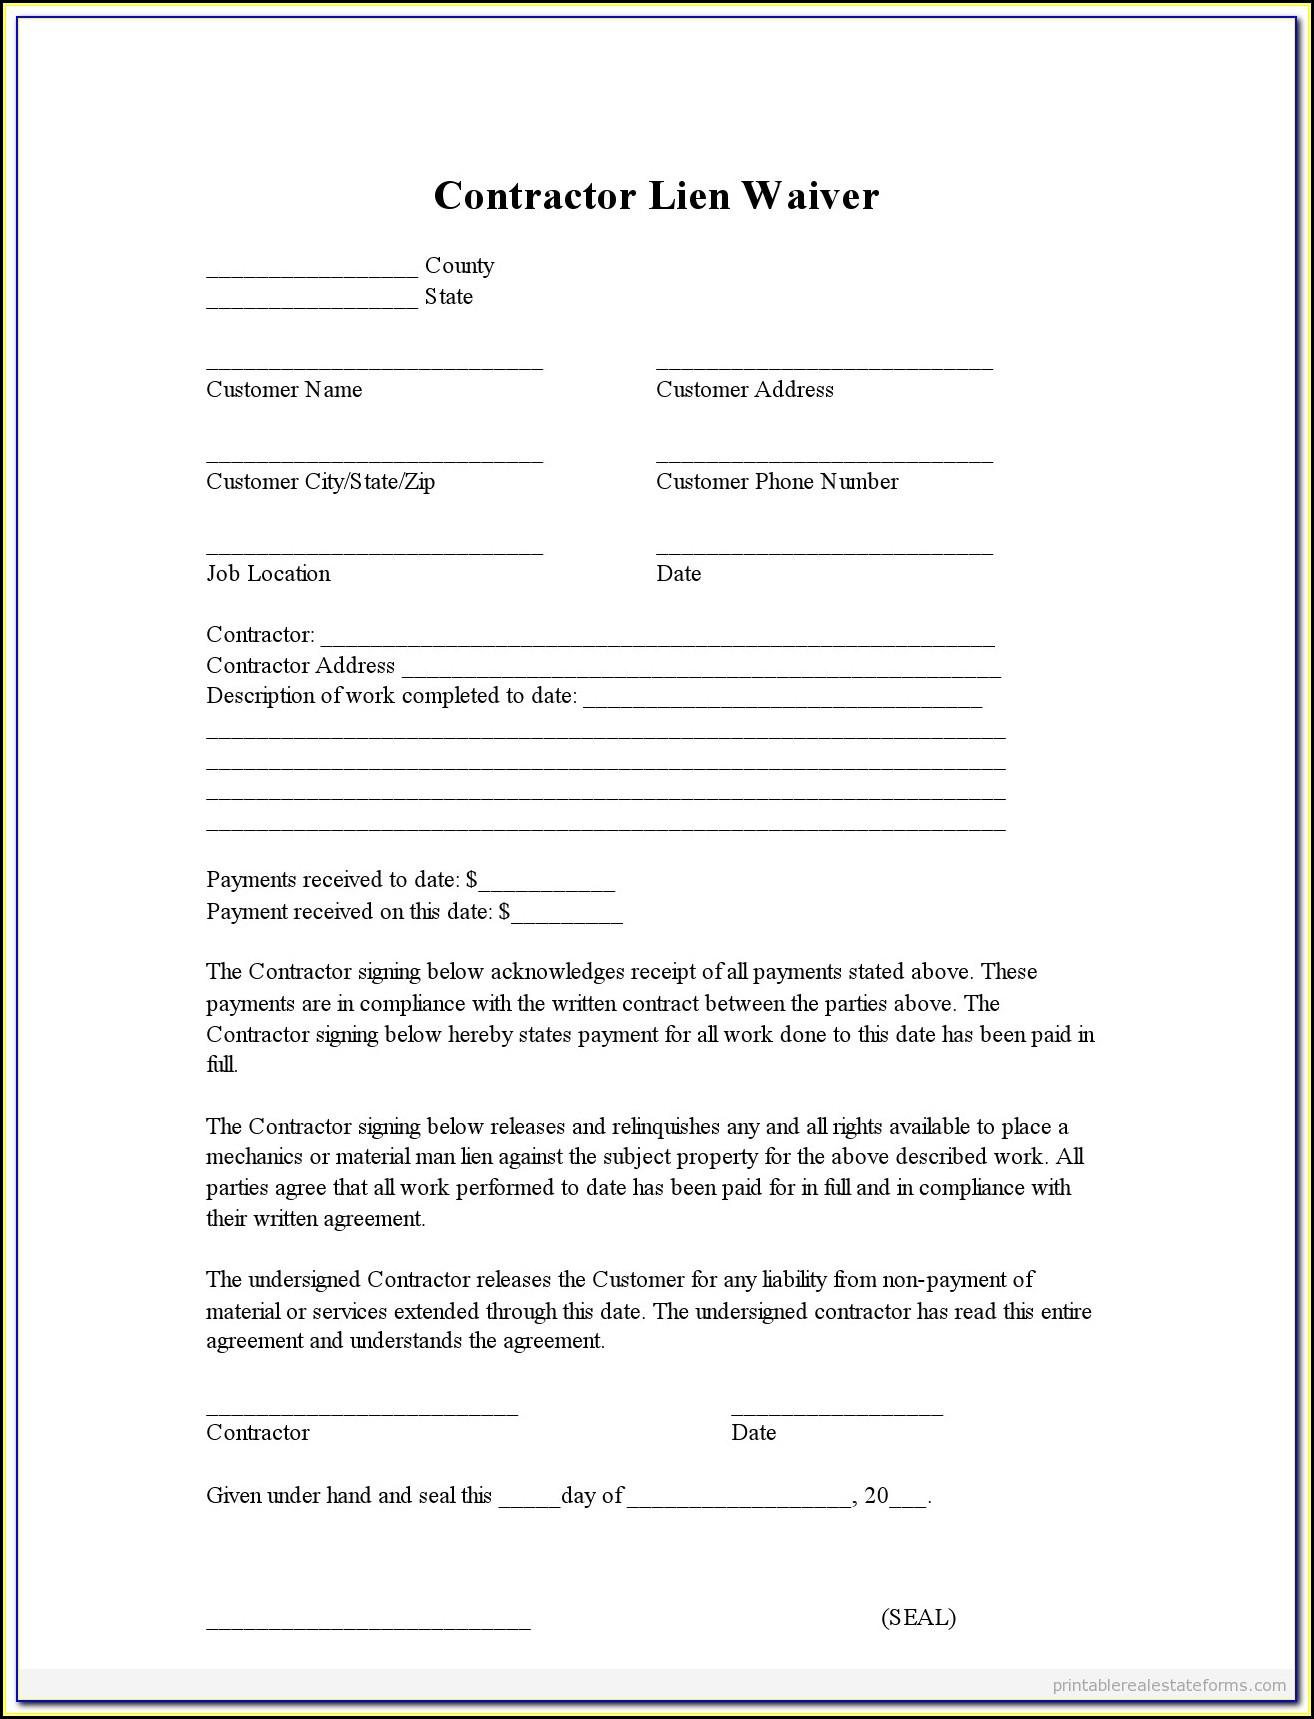 Subcontractor Lien Waiver Form North Carolina